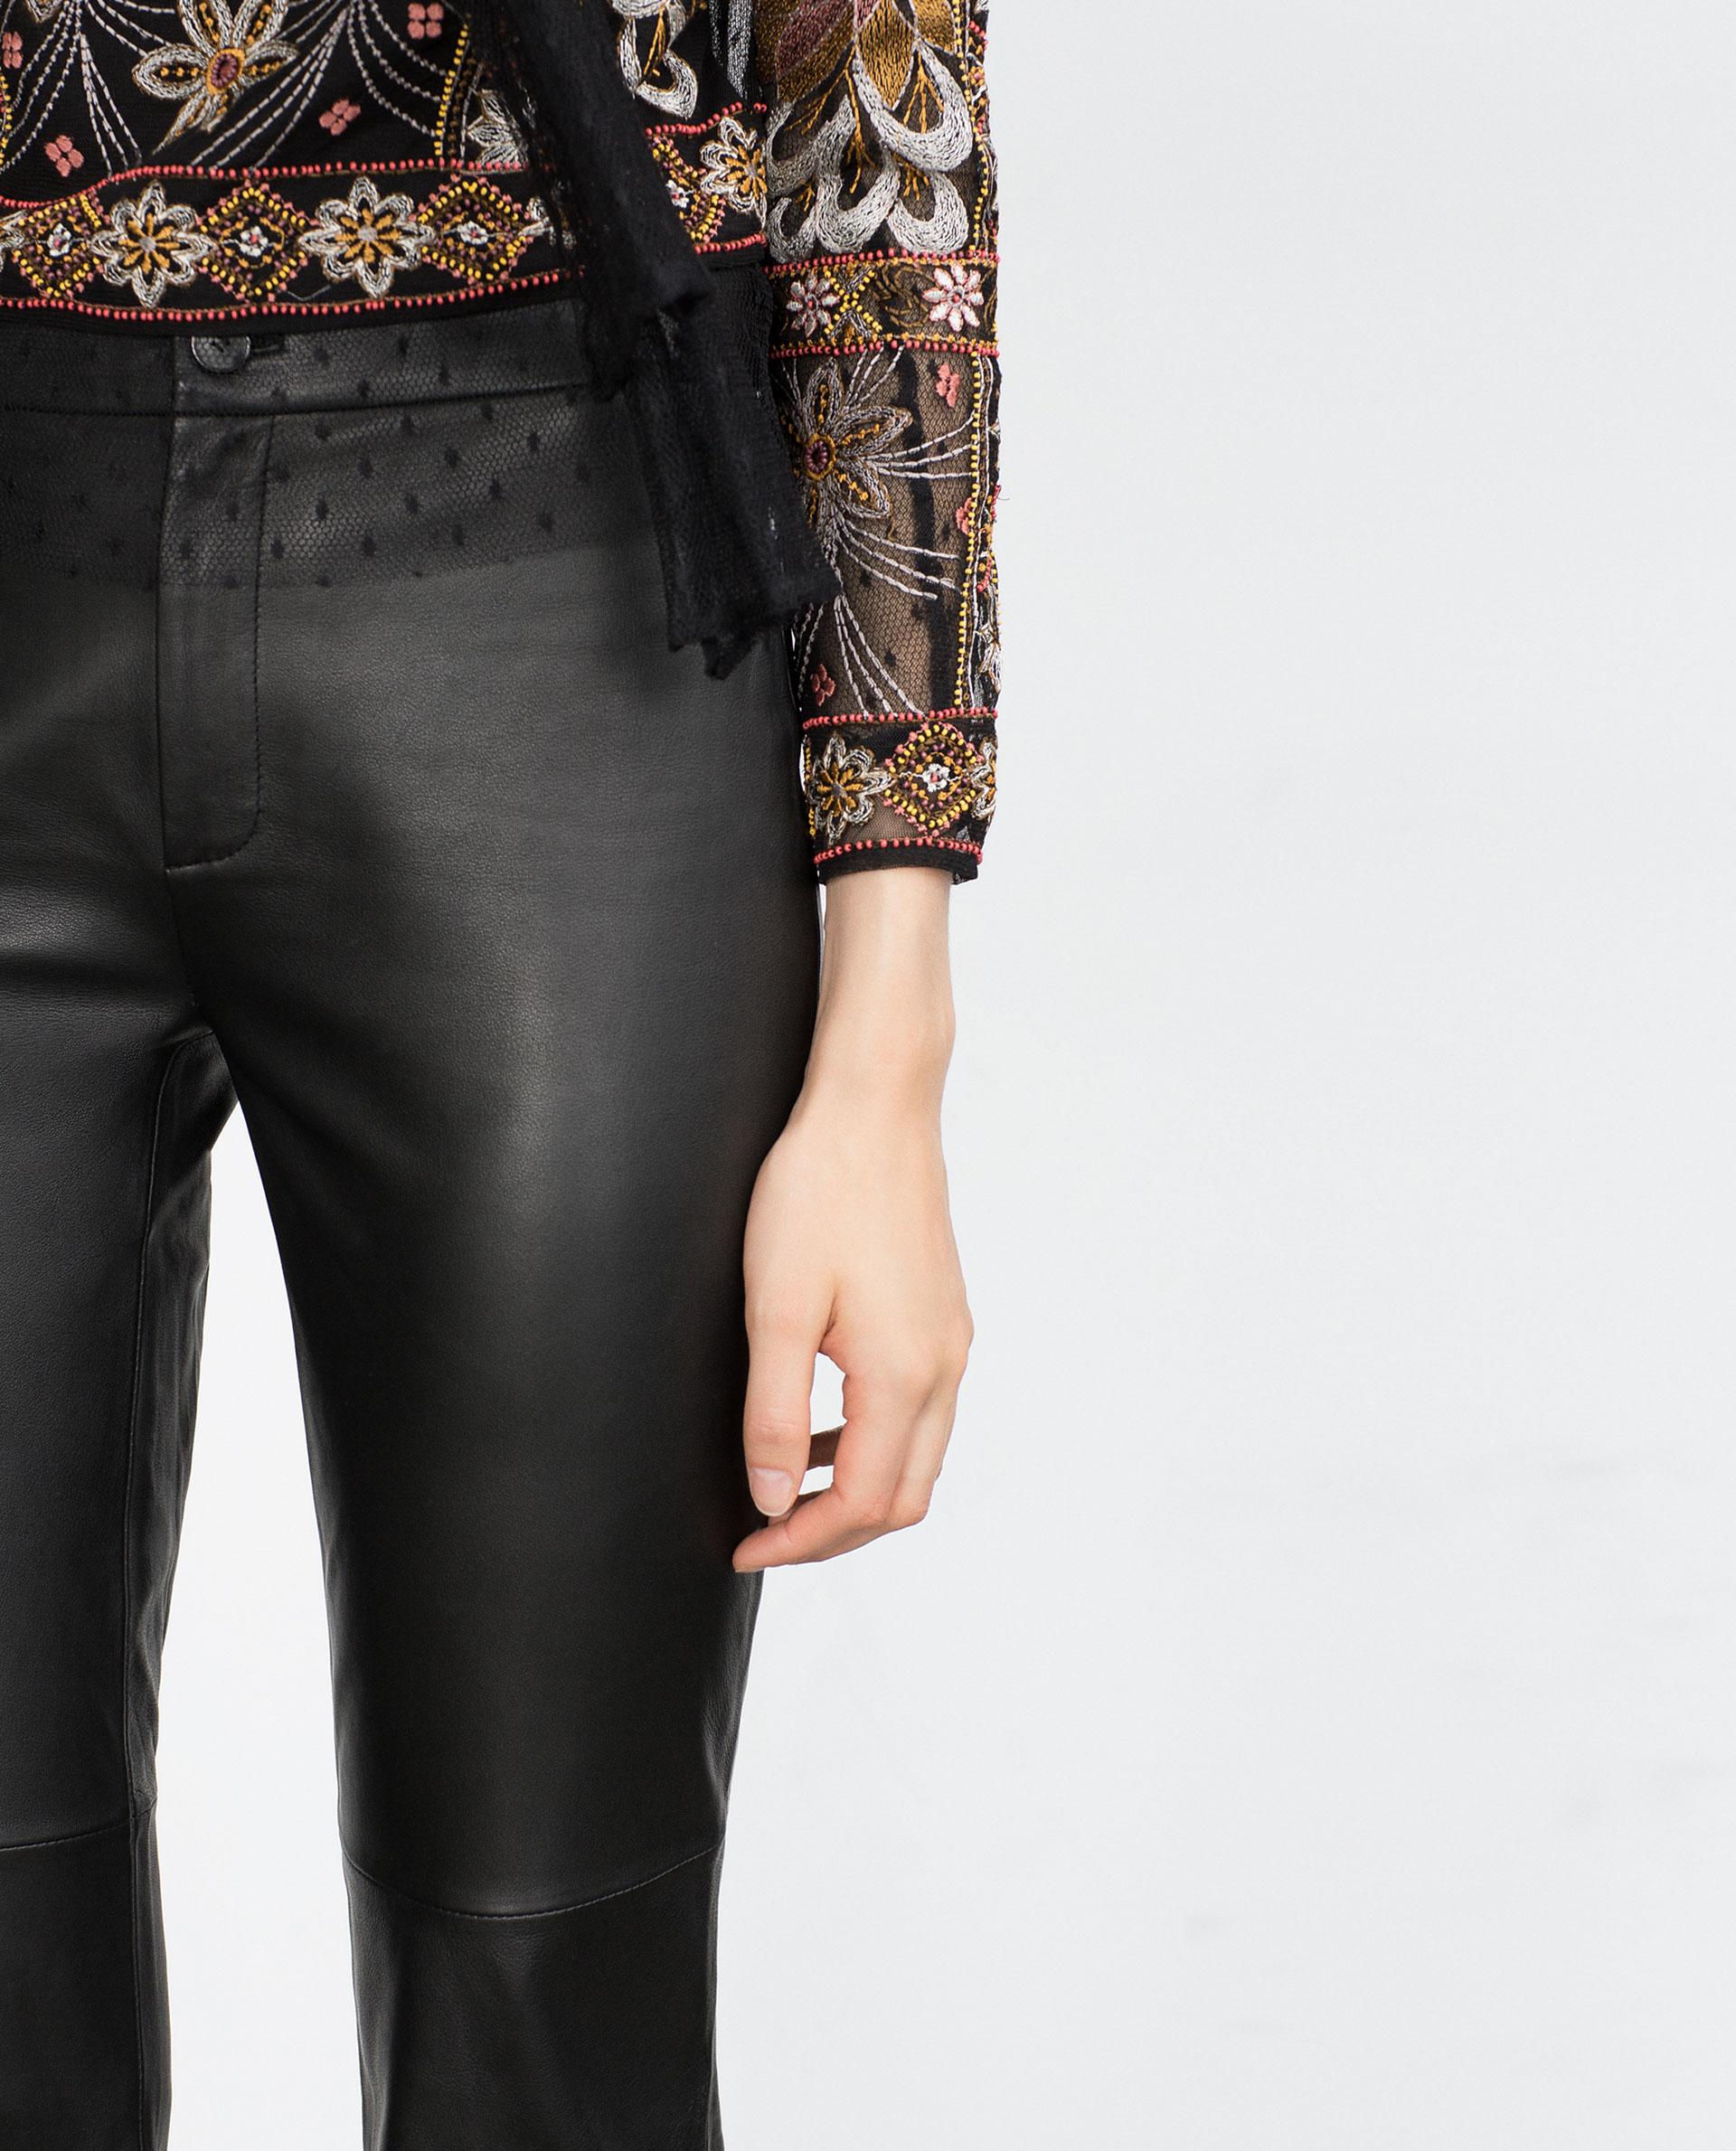 Brilliant Women39s Black Leather Pants Women39s Faux Leather Pants Women39s Le